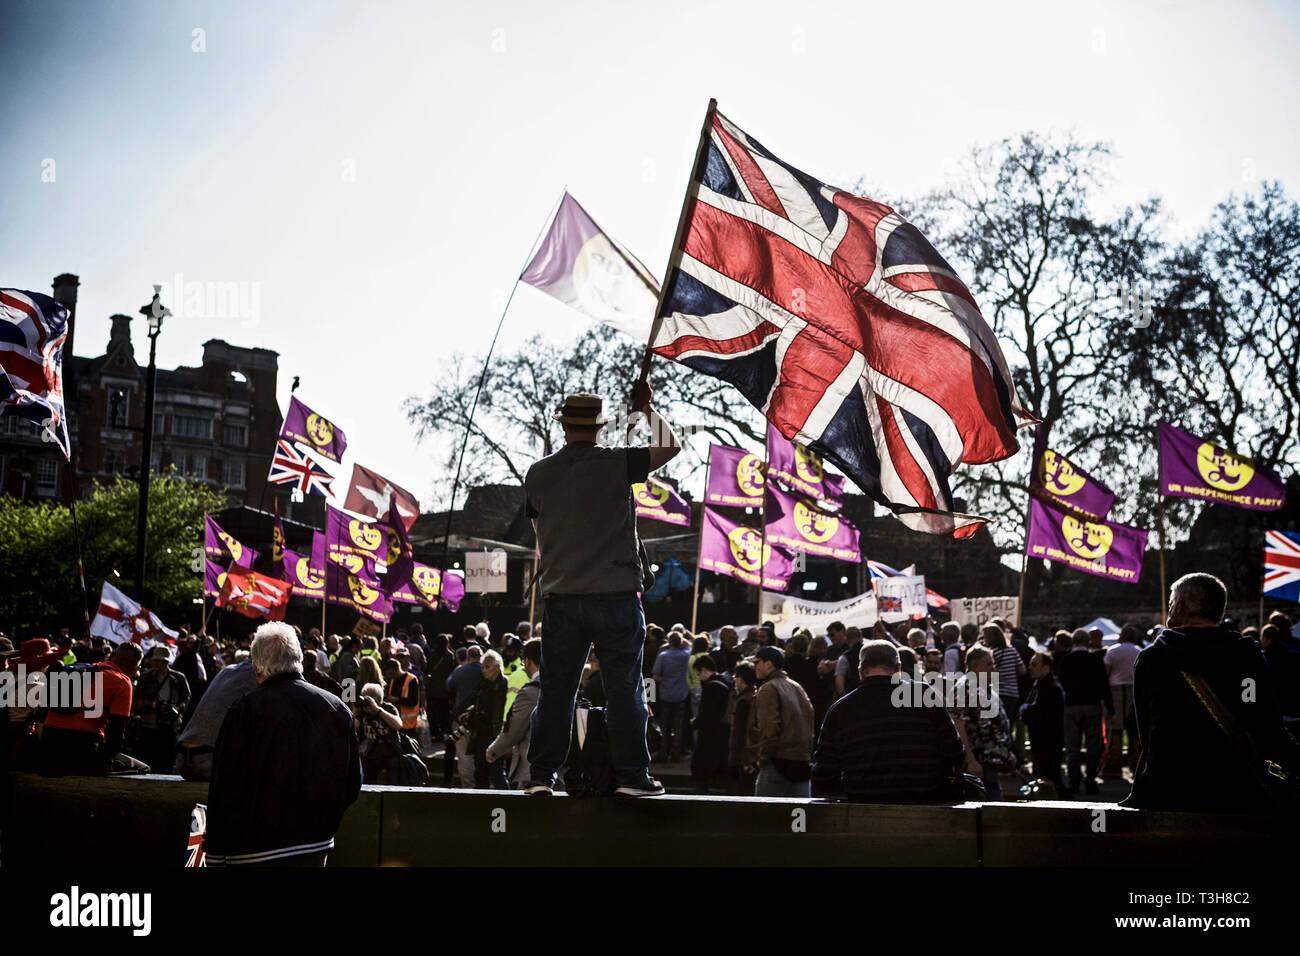 Rassemblement politique Royaume-Uni / politique Royaume-Uni / protestation politique - manifestant tenant un drapeau sur une marche pacifique pro Brexit rally le 29 mars, journée 2019 Brexit Photo Stock